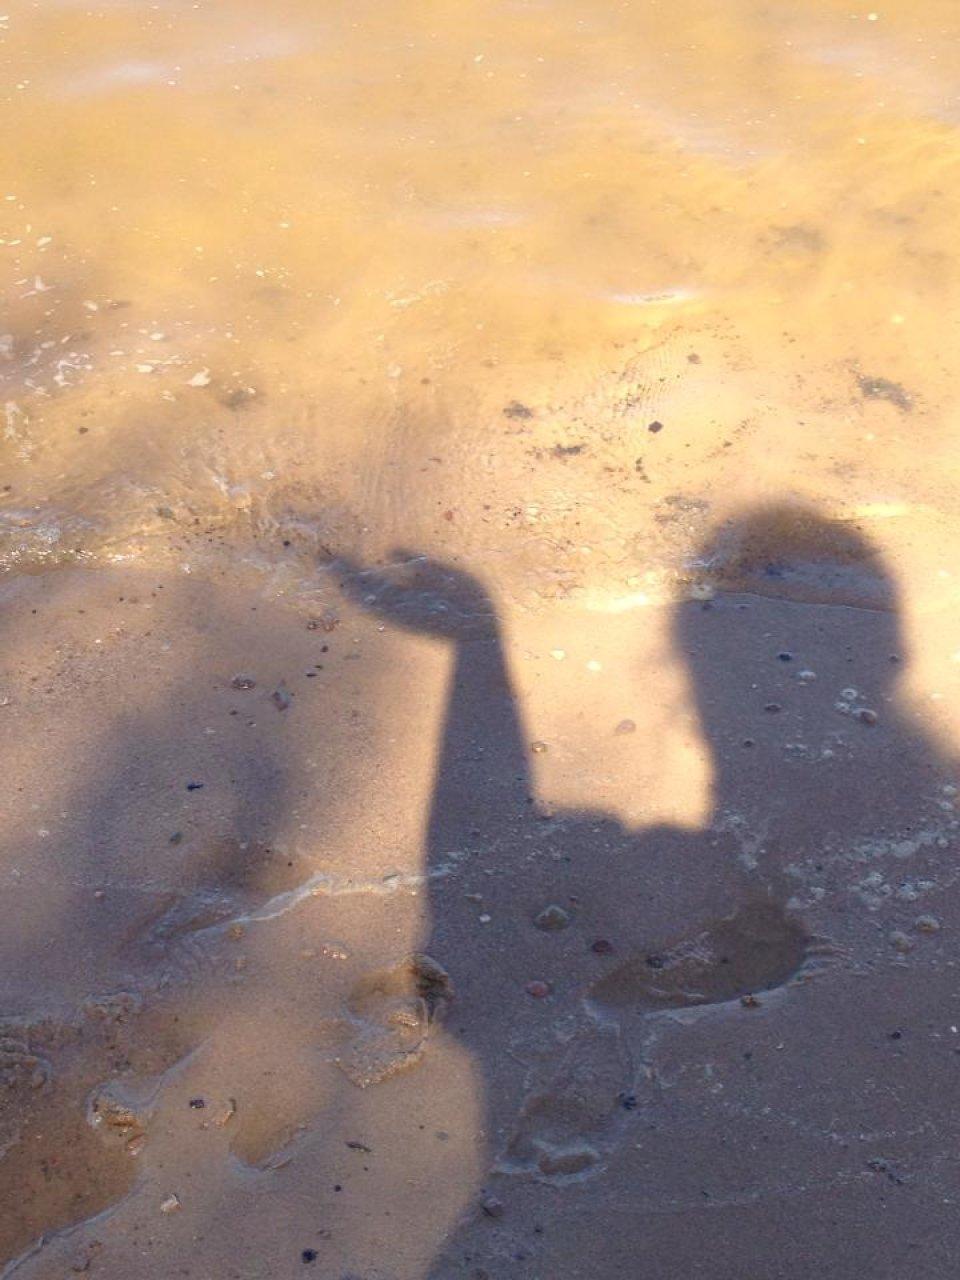 Schatten im flachen Wasser